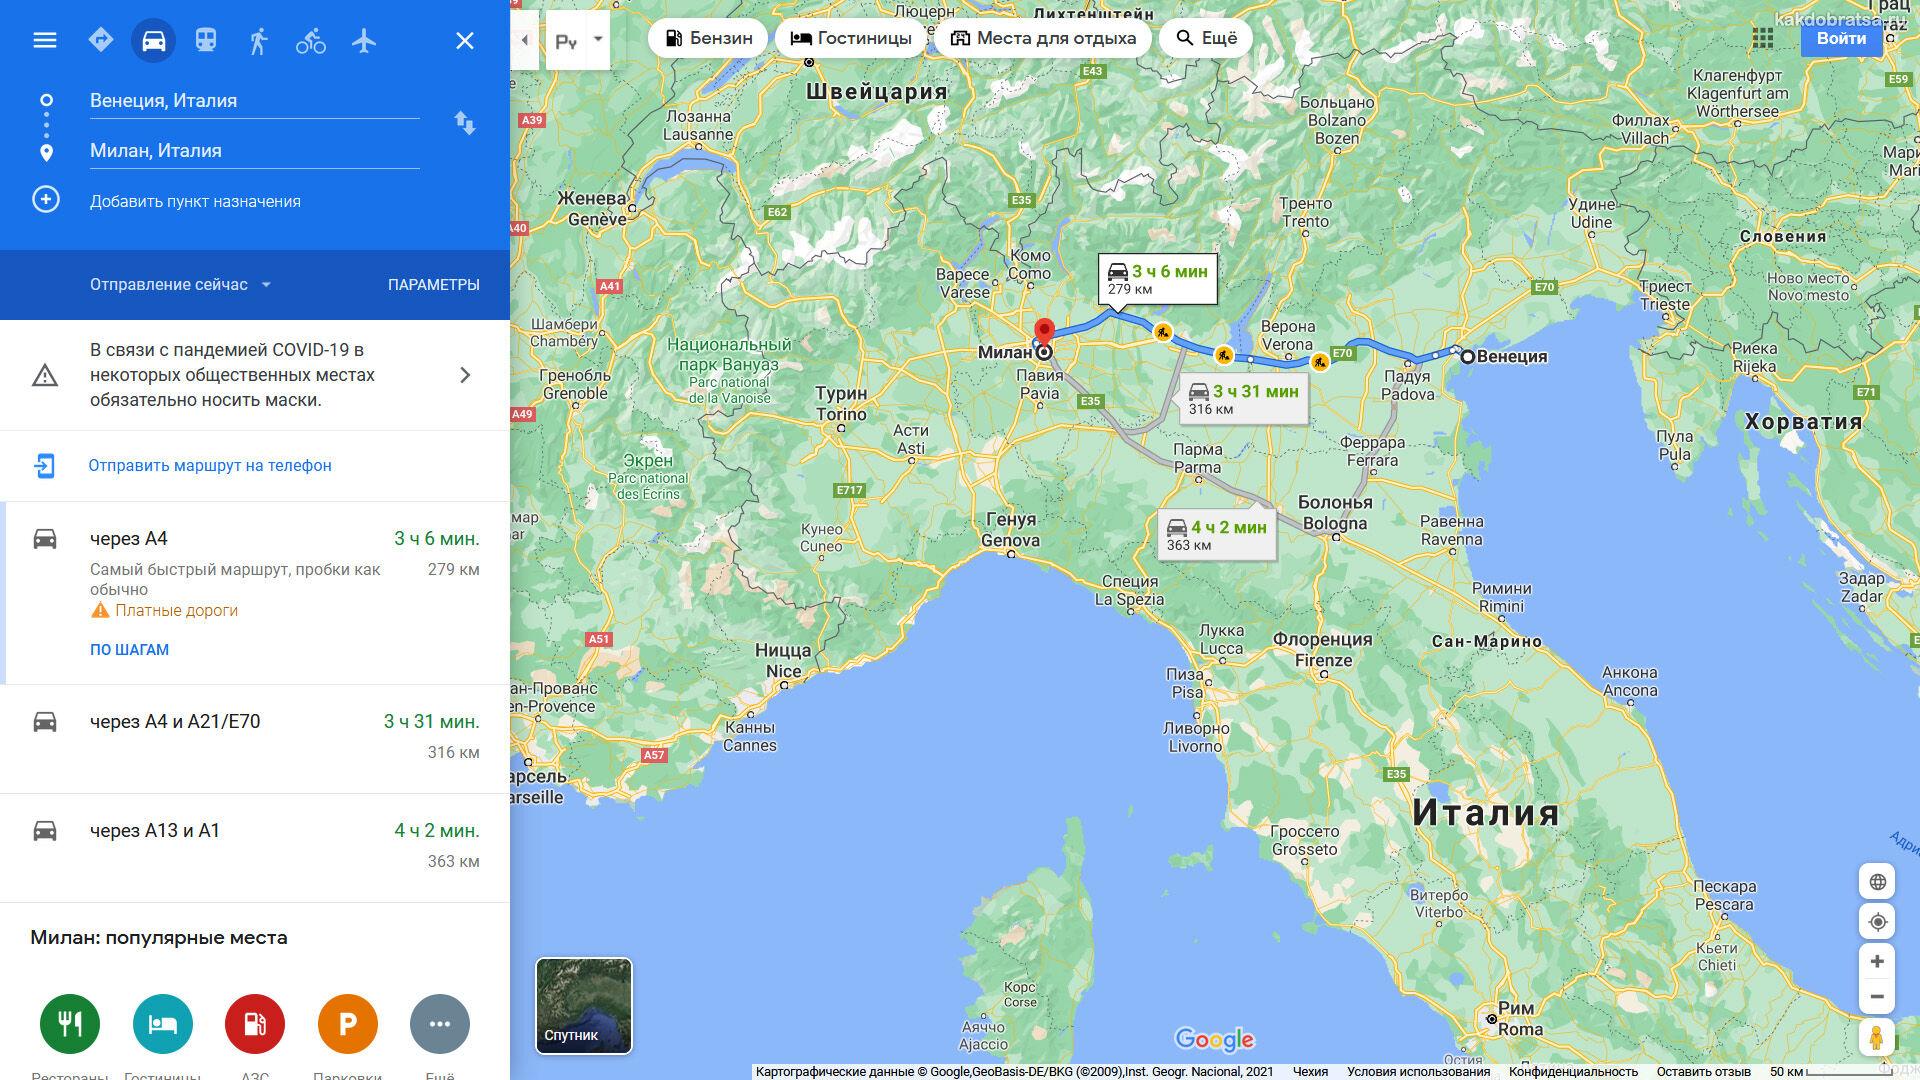 Как добраться из Венеции в Милан - карта